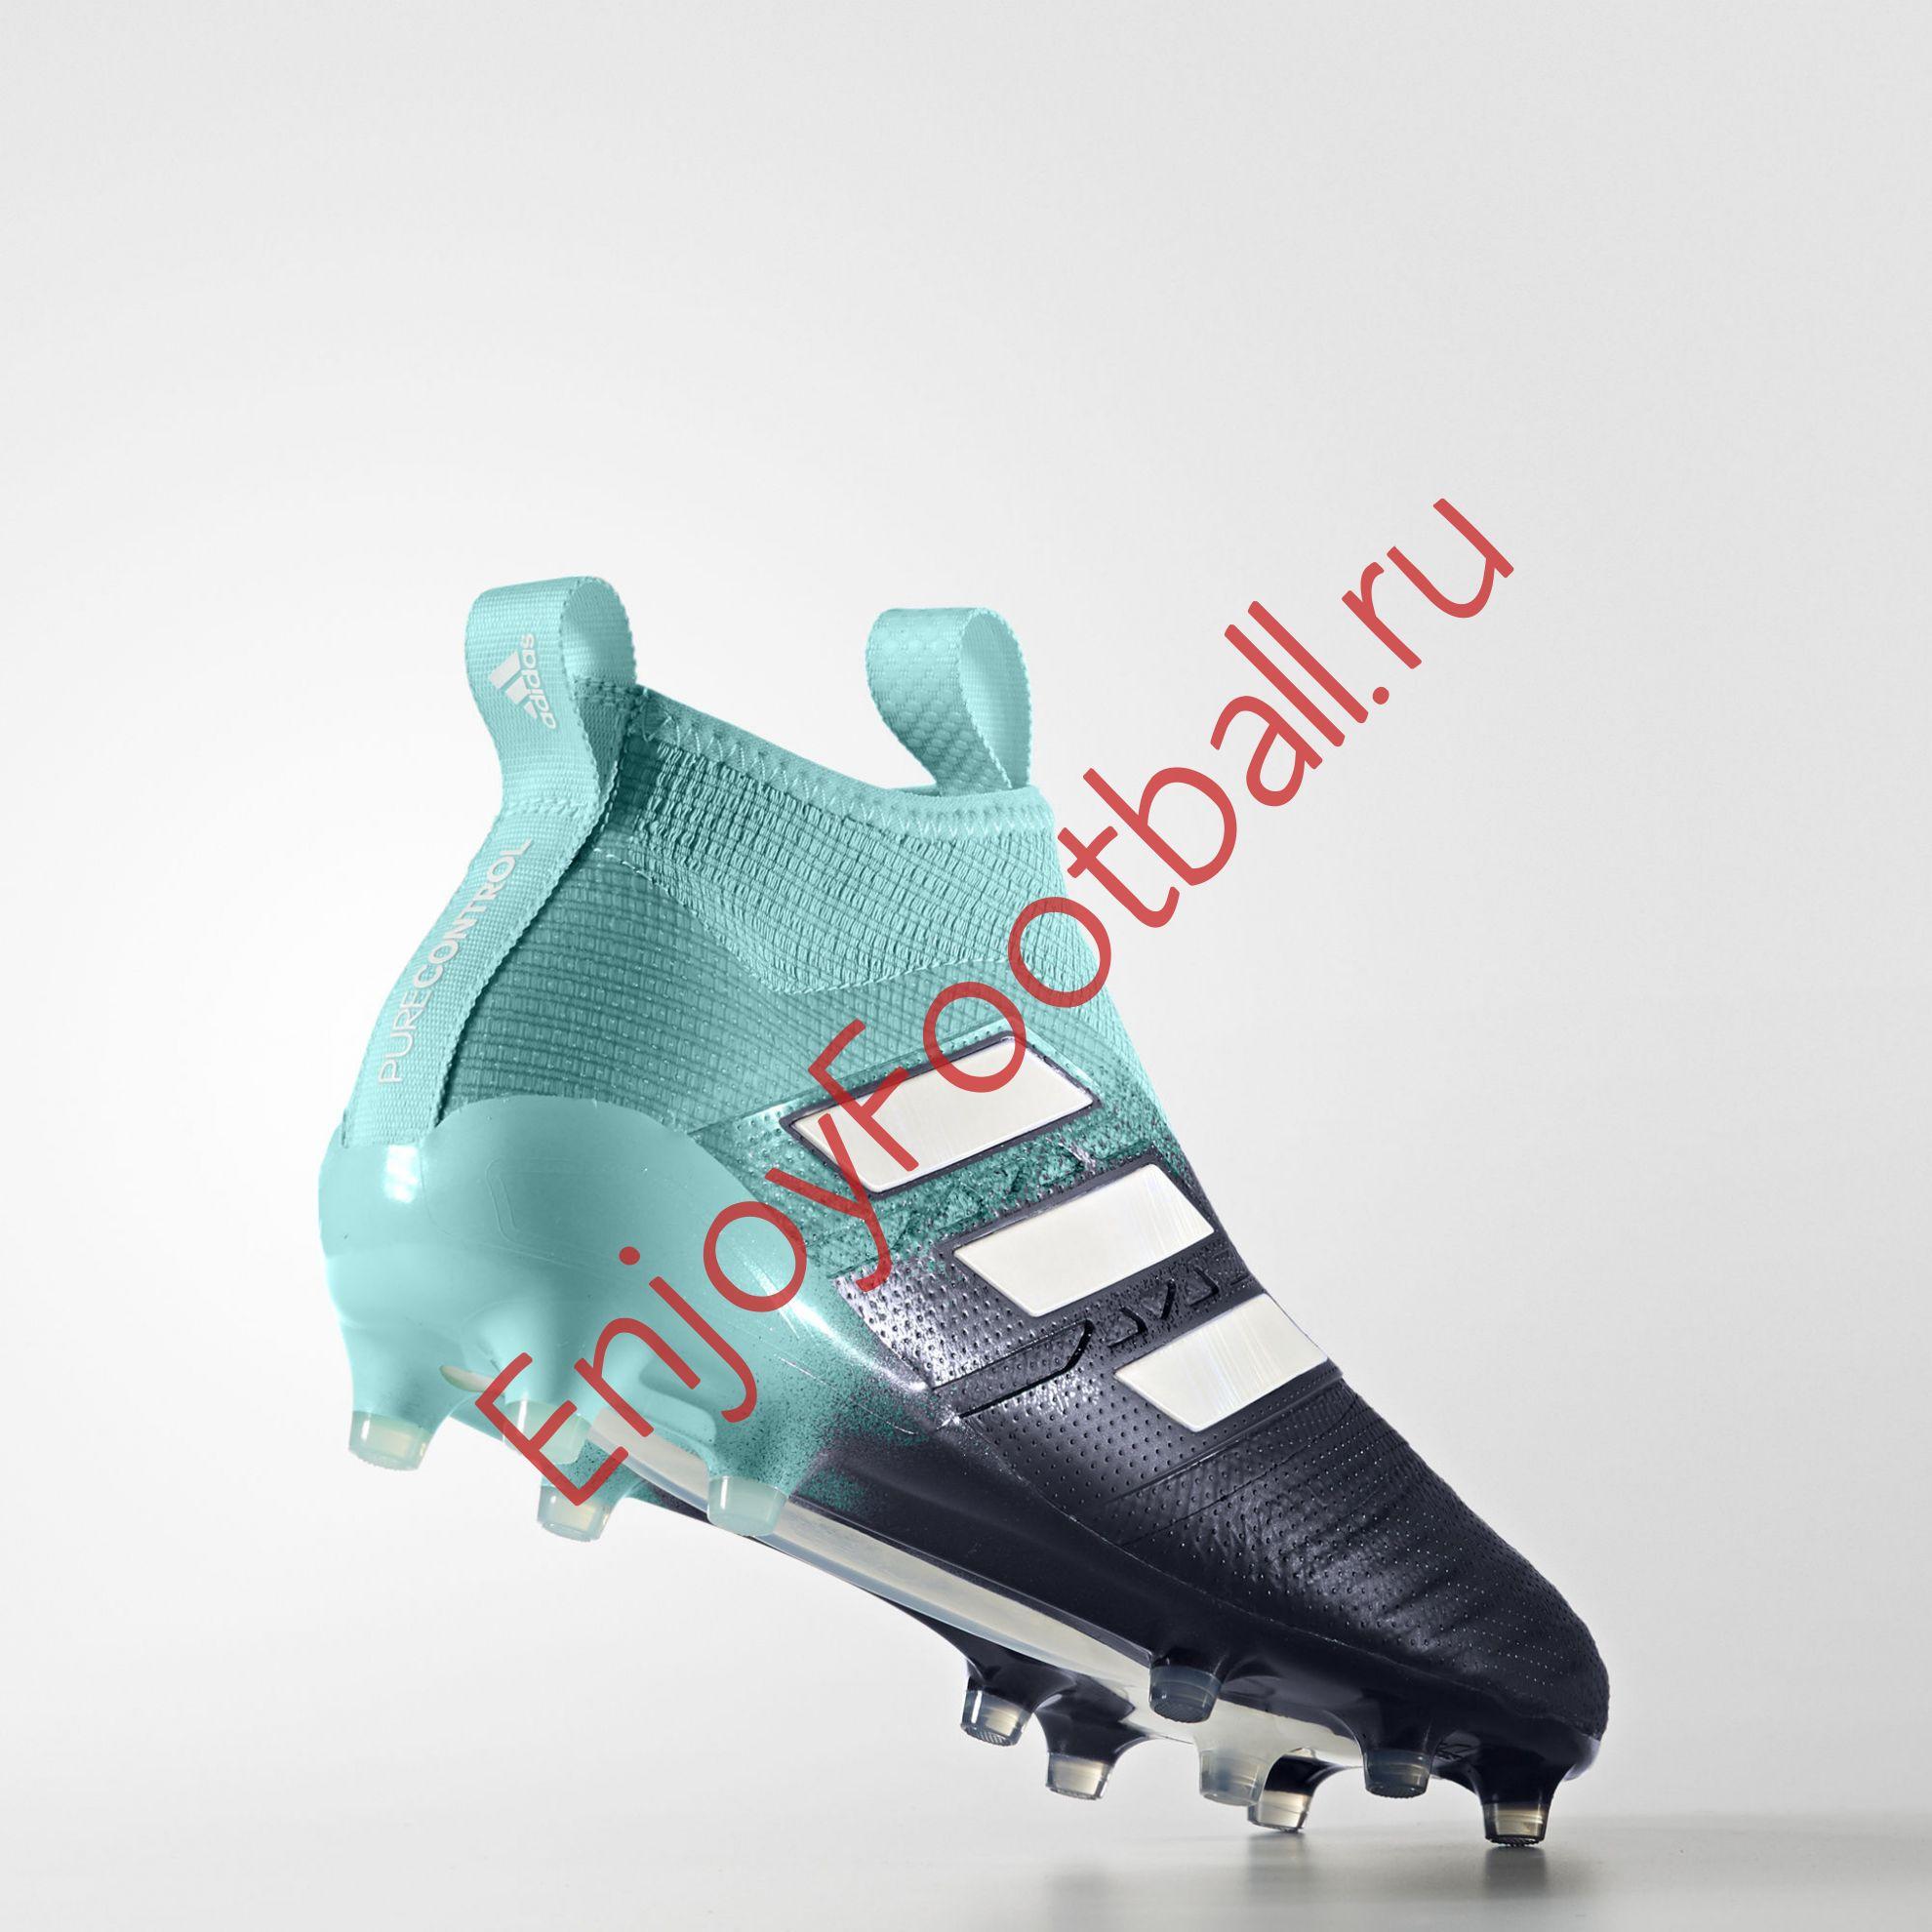 sale retailer f013e 09e1c Бутсы Adidas ACE17+ PURECONTROL FG BY3063